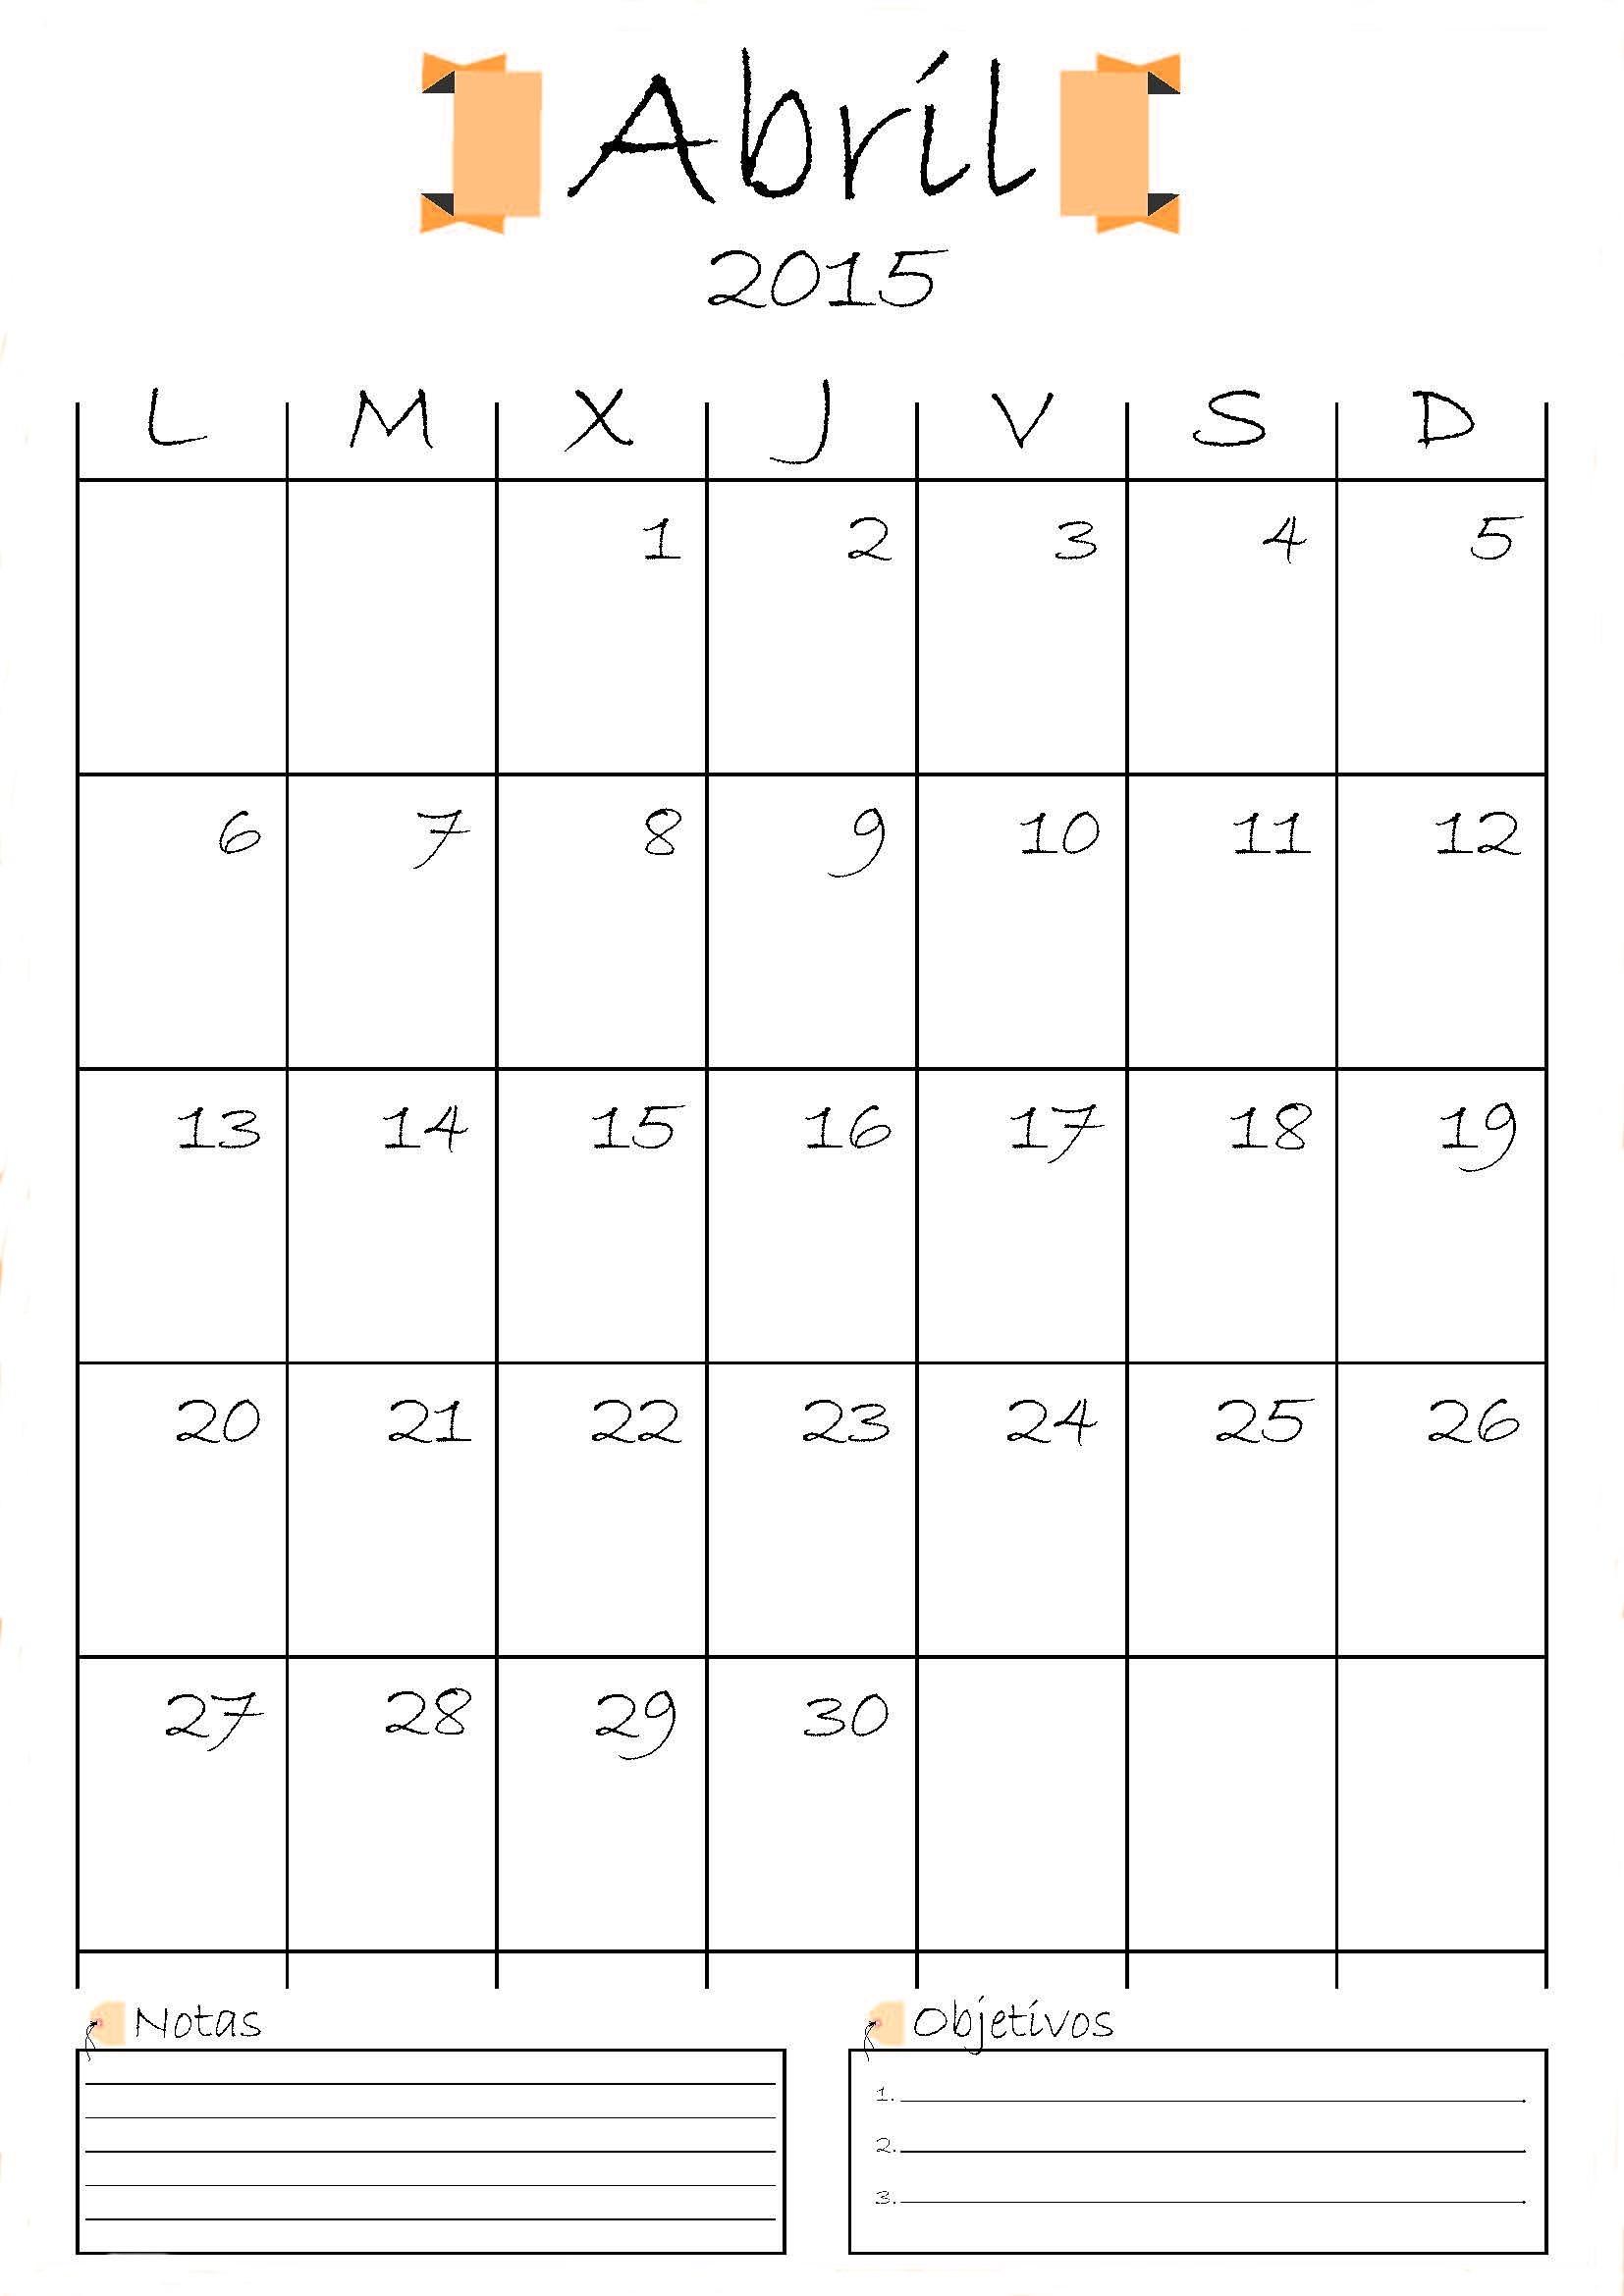 Calendario 2019 Para Imprimir Word Más Recientes Imprimir Moorddiner Calendario 2017 Por Mes Of Calendario 2019 Para Imprimir Word Más Reciente Template Archives Page 210 Of 262 Wheel Of Concept